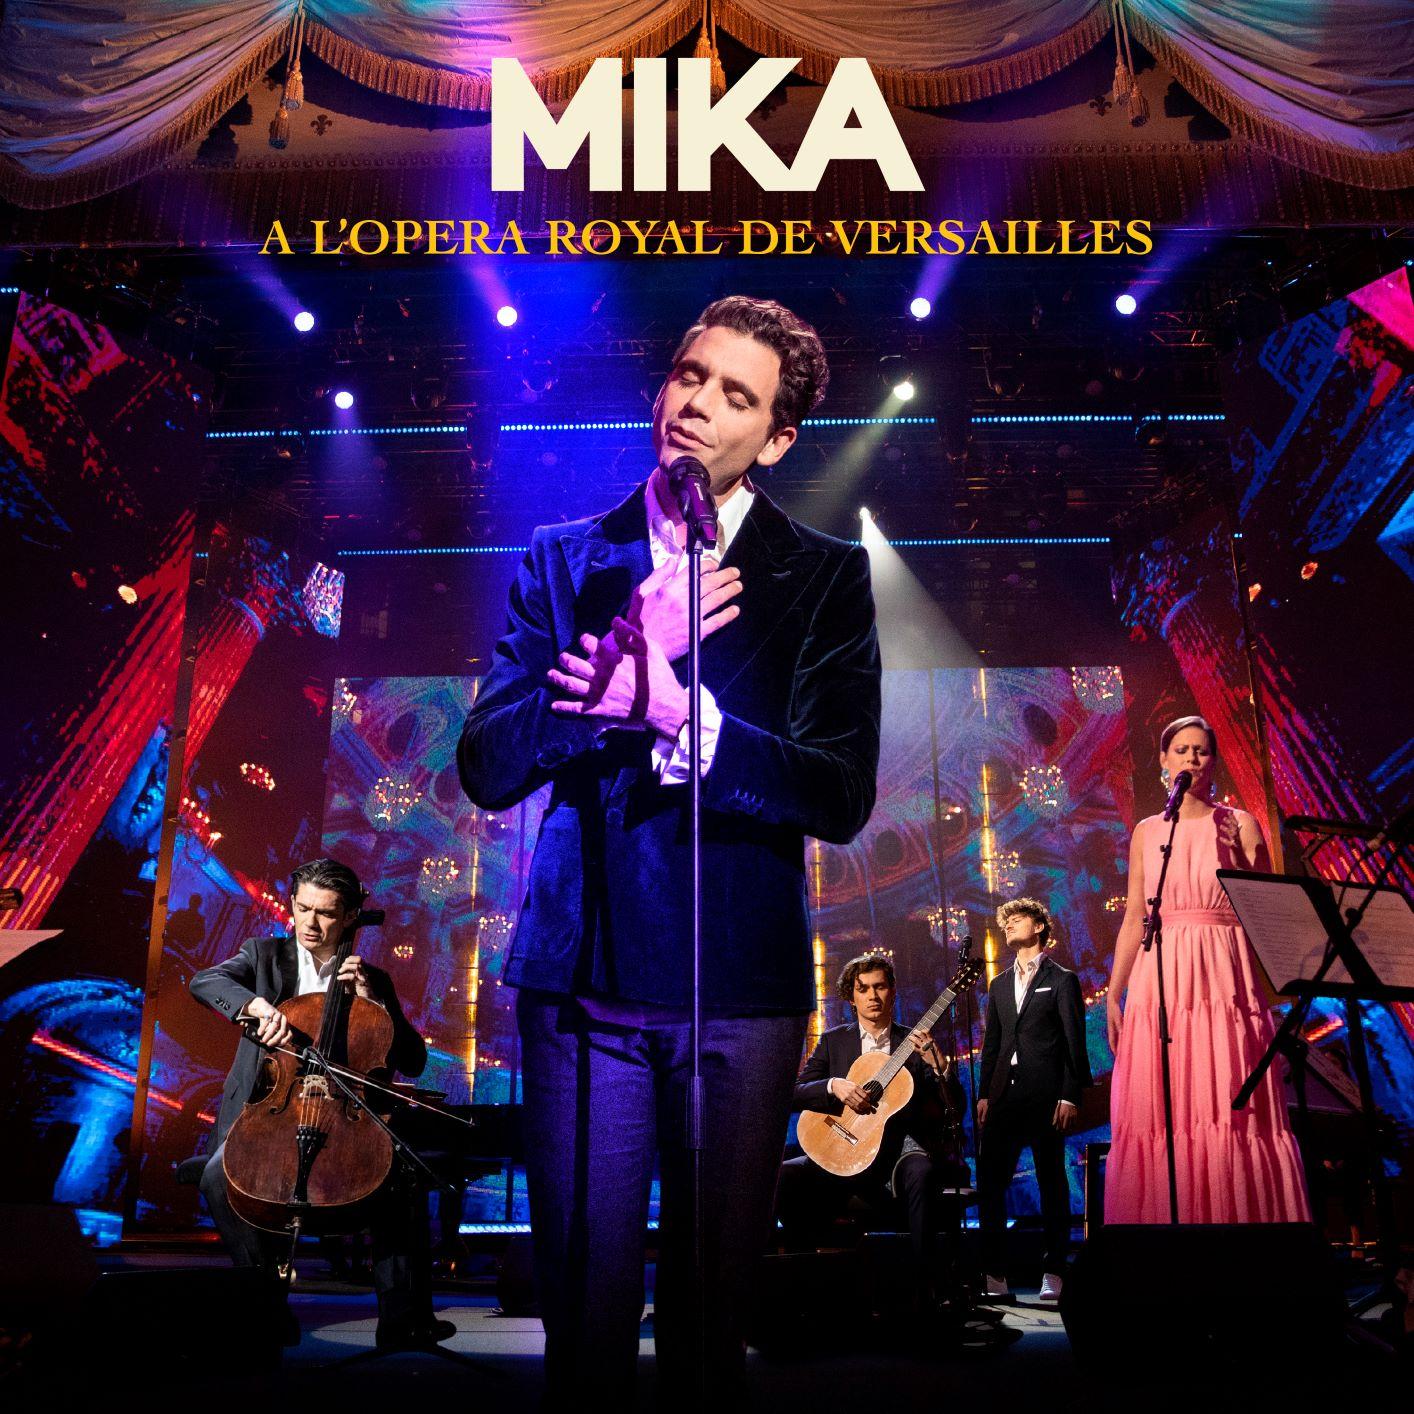 Mika album e tour - immagini